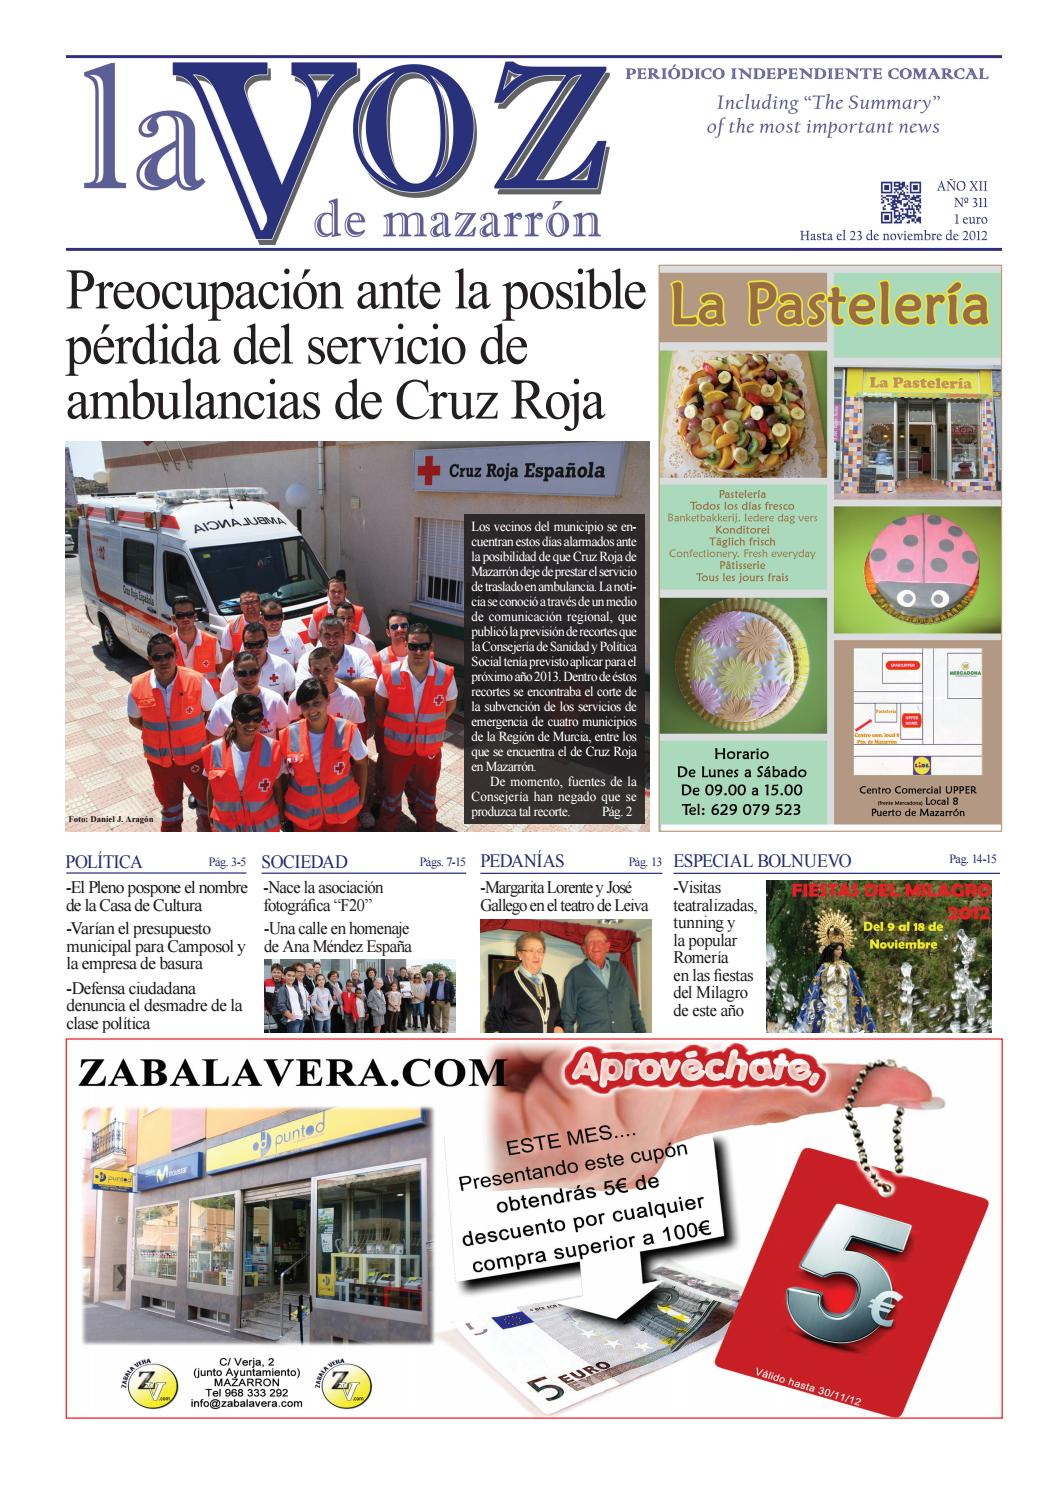 Voz311 by La Voz de Mazarrón (Periódico) - issuu